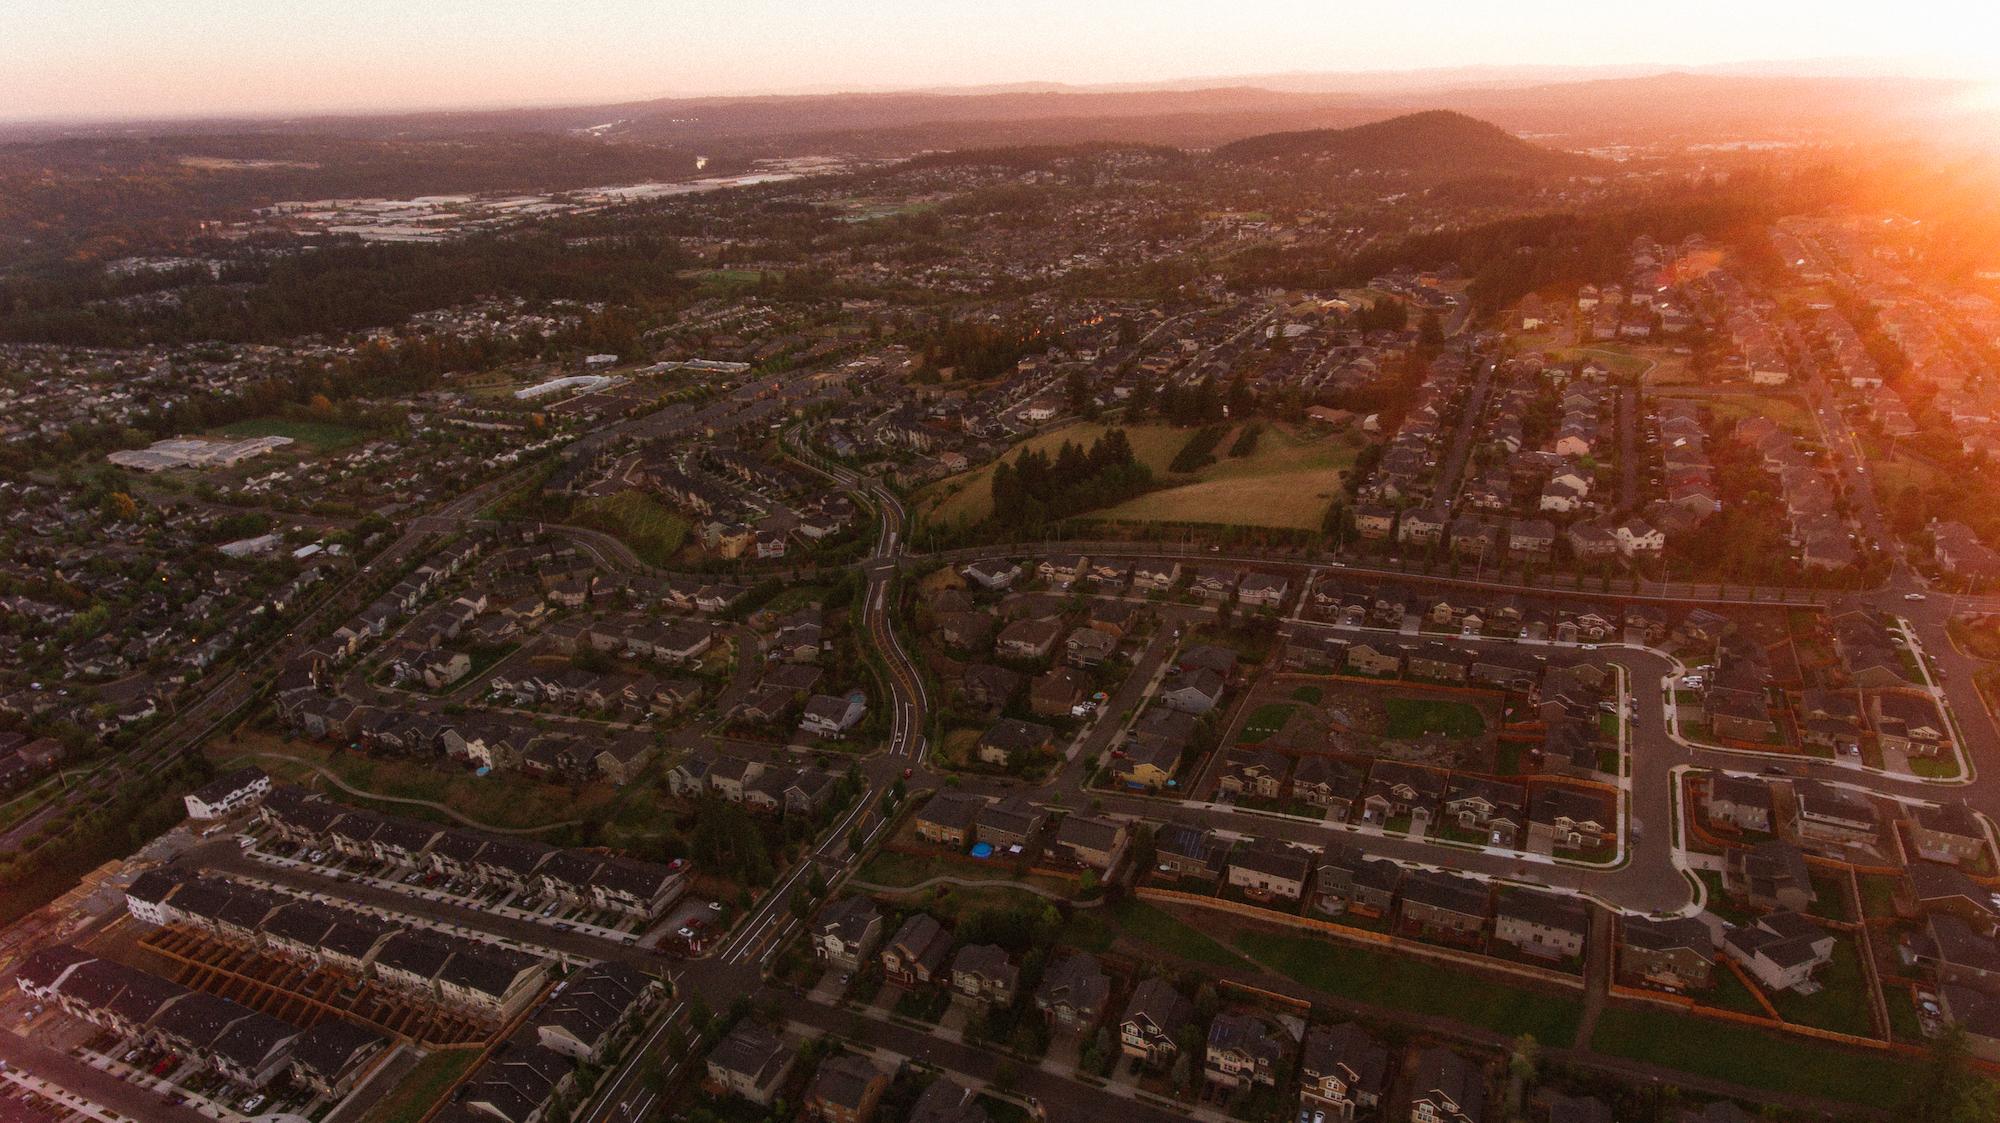 Hillsboro, or homes for sale sunset